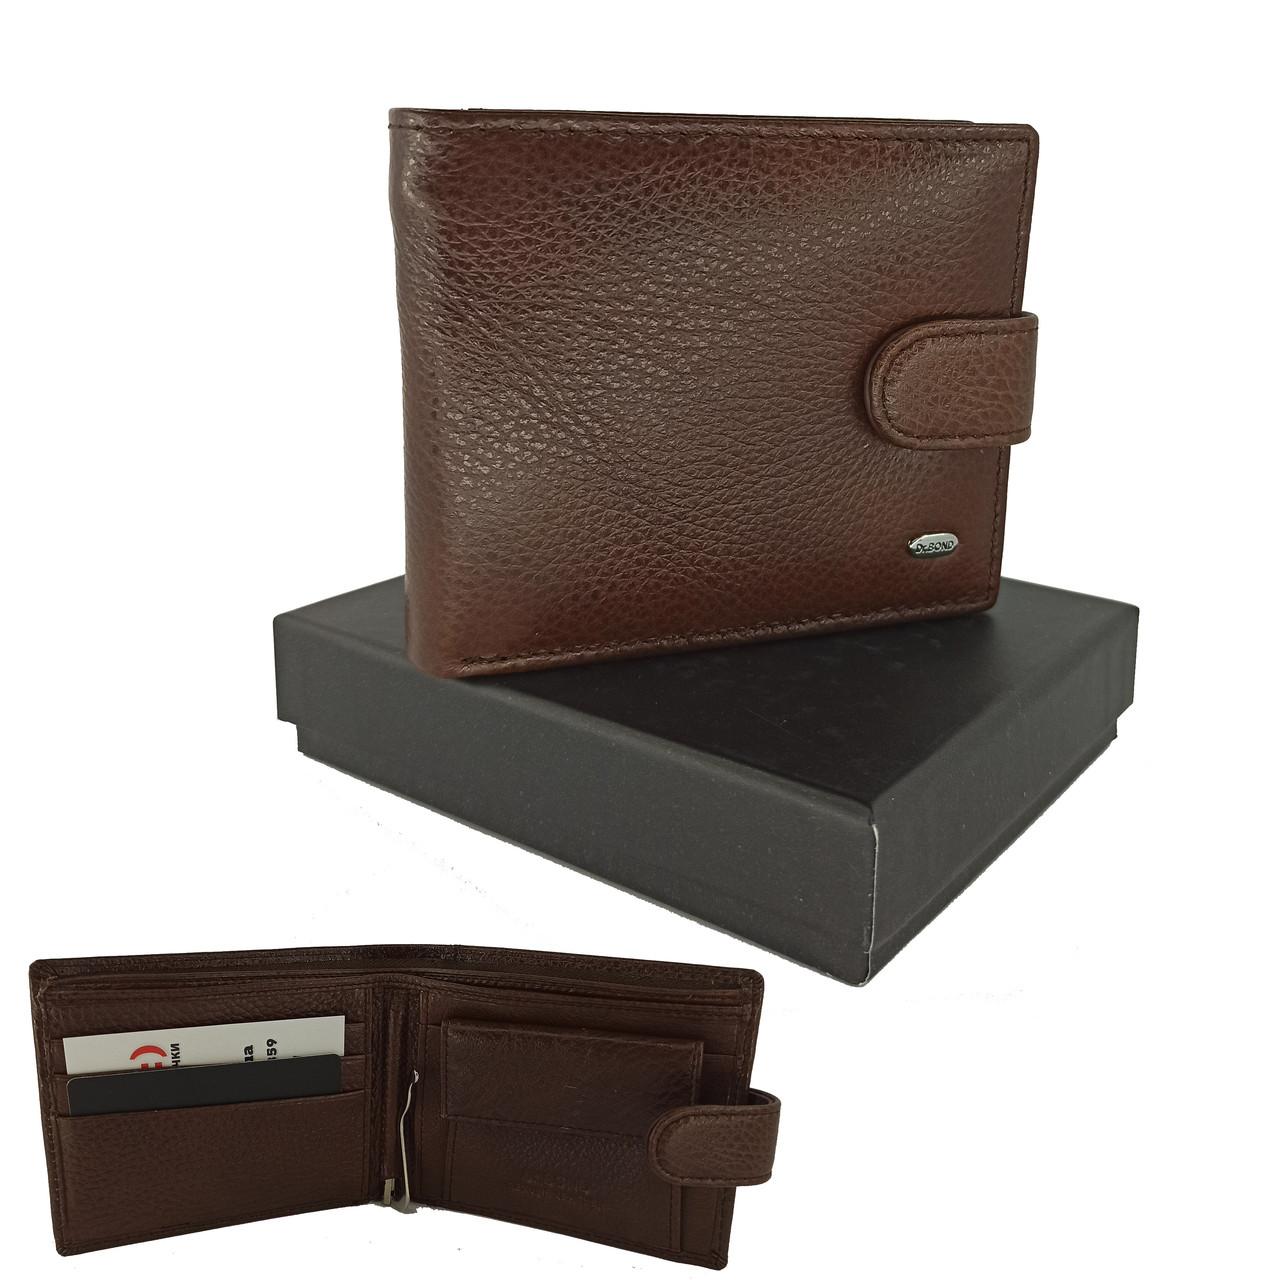 Коричневый кожаный мужской кошелек портмоне с зажимом для денег DR. BOND M13-1 coffee